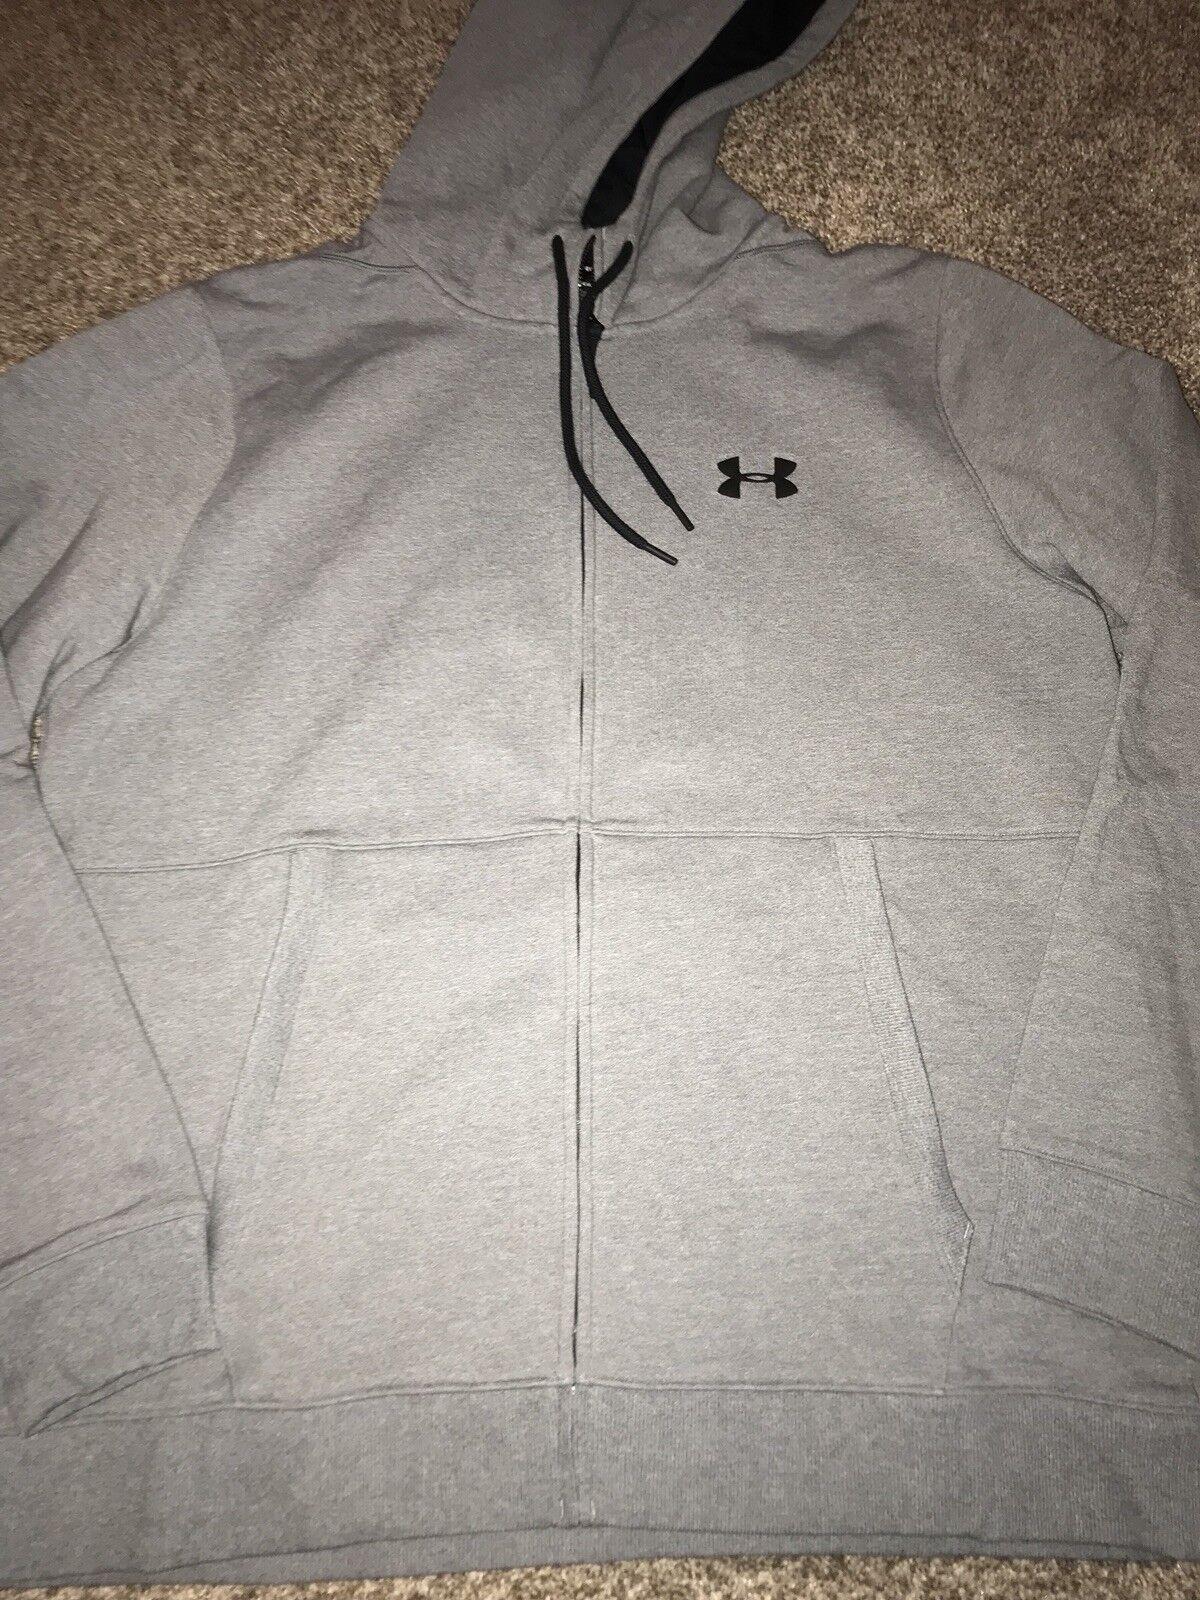 Under Zip Armour Threadborne Fleece Full Zip Under Hoodie Sweatshirt XXL grau 8de73a